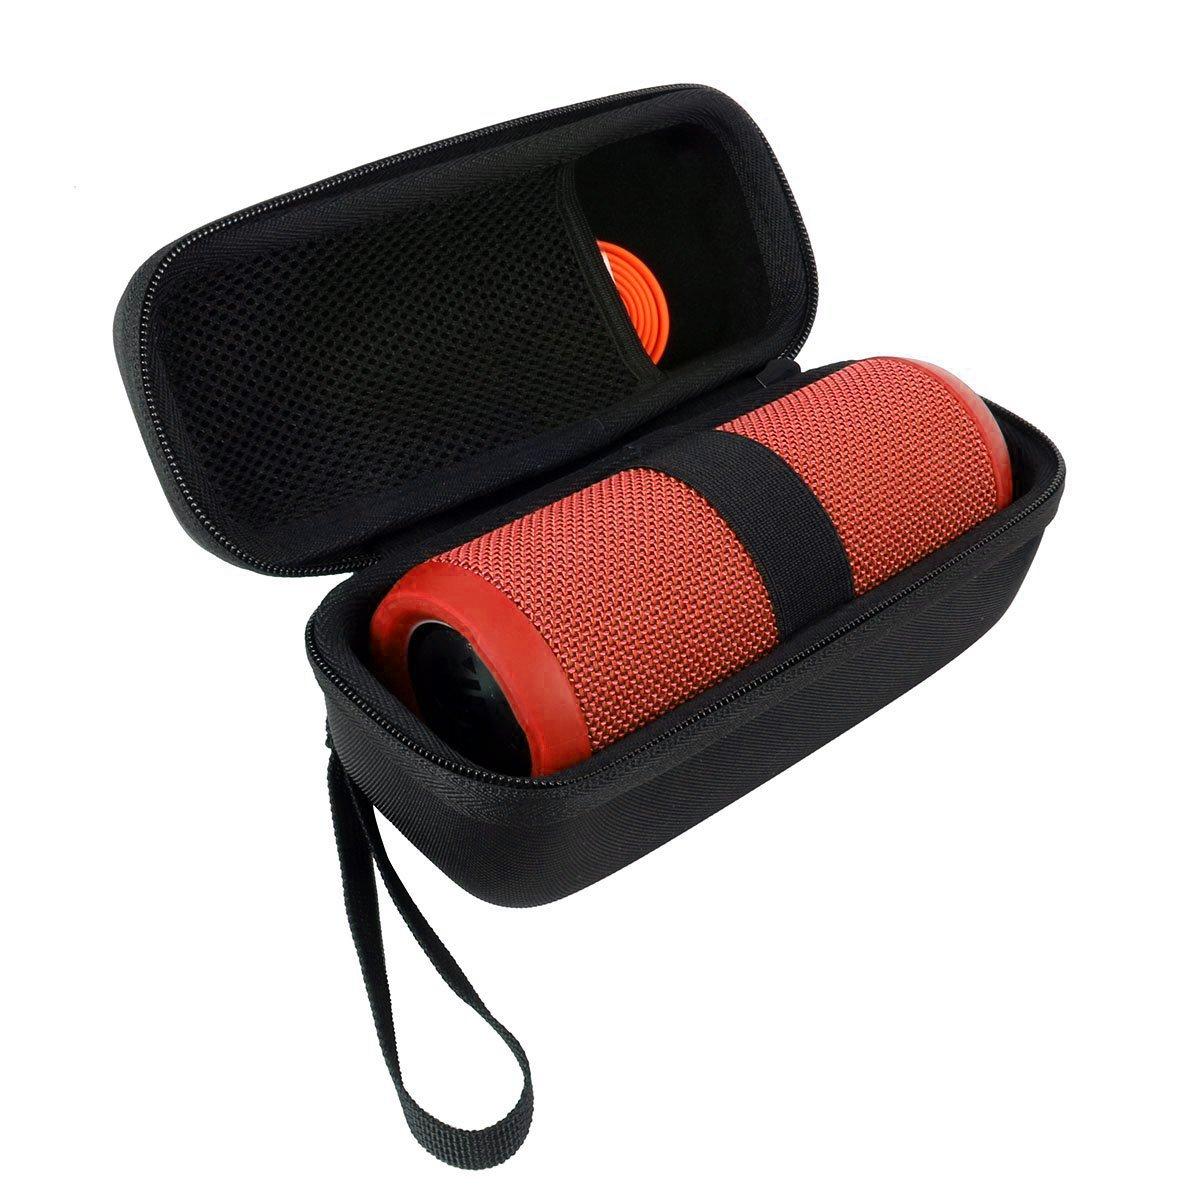 for JBL Flip 4 Flip 3 Bluetooth Portable Stereo Speaker Hard Case Bag by VIVENS jbl flip3